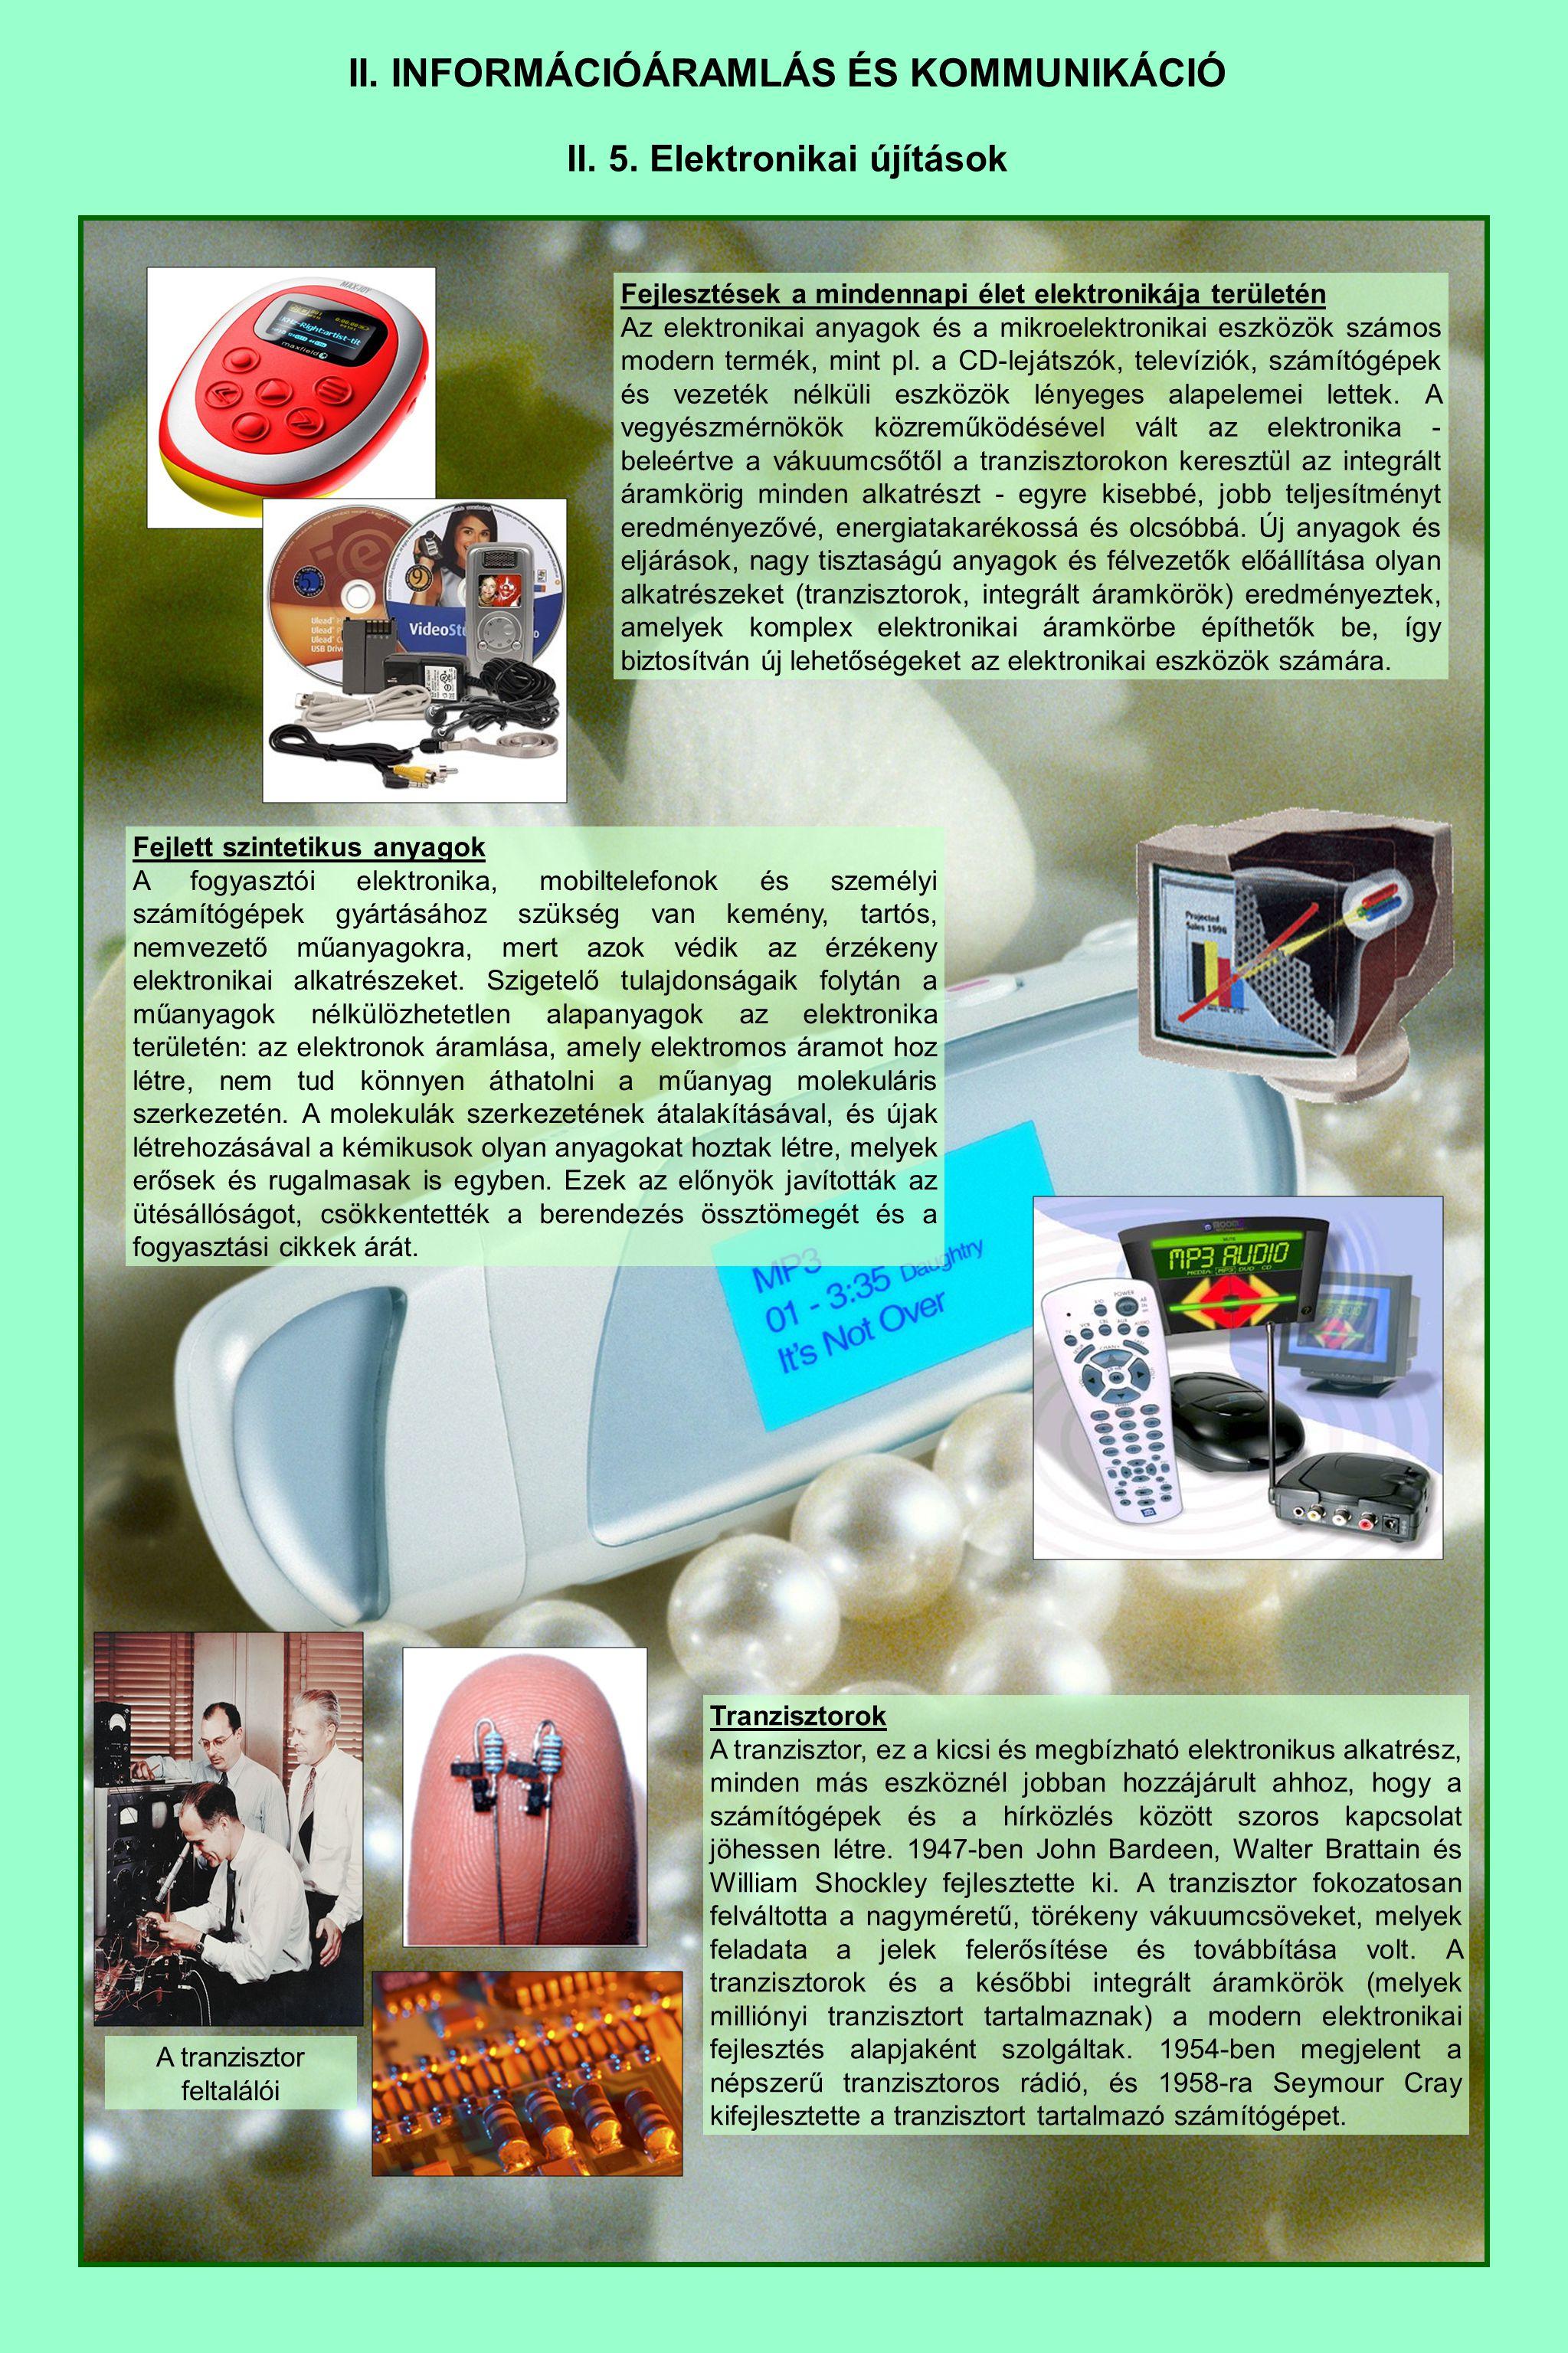 II. INFORMÁCIÓÁRAMLÁS ÉS KOMMUNIKÁCIÓ II. 5. Elektronikai újítások Fejlesztések a mindennapi élet elektronikája területén Az elektronikai anyagok és a